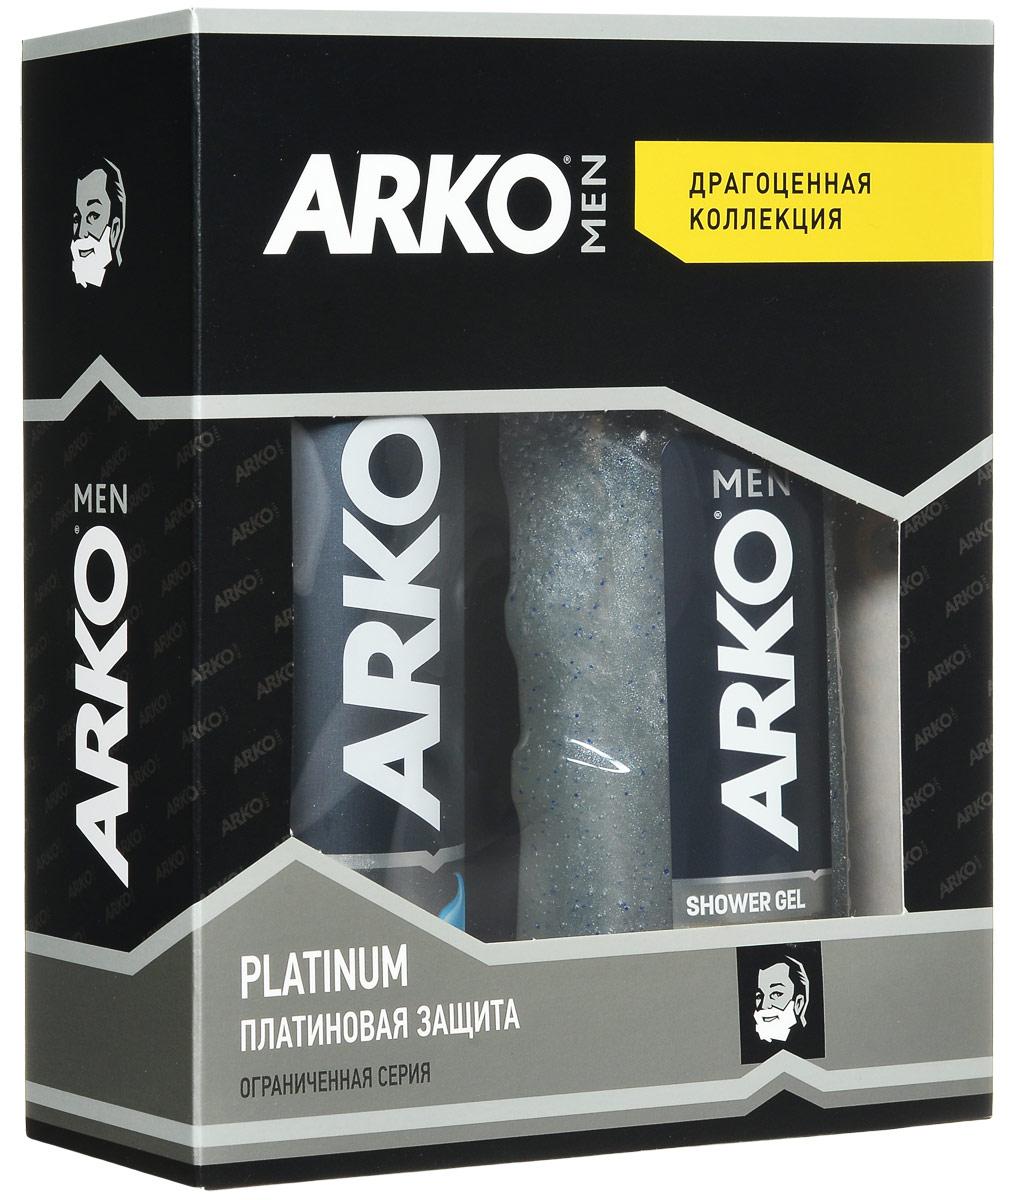 Arko Platinum: ГЕЛЬ 200мл+ГЕЛЬ для душа 250мл80057527Гель для бритья уменьшает риск возникновения жжения кожи от бритья, благодаря формуле алое вера и маслом лаванды, для мужчин с чувствительной кожей.